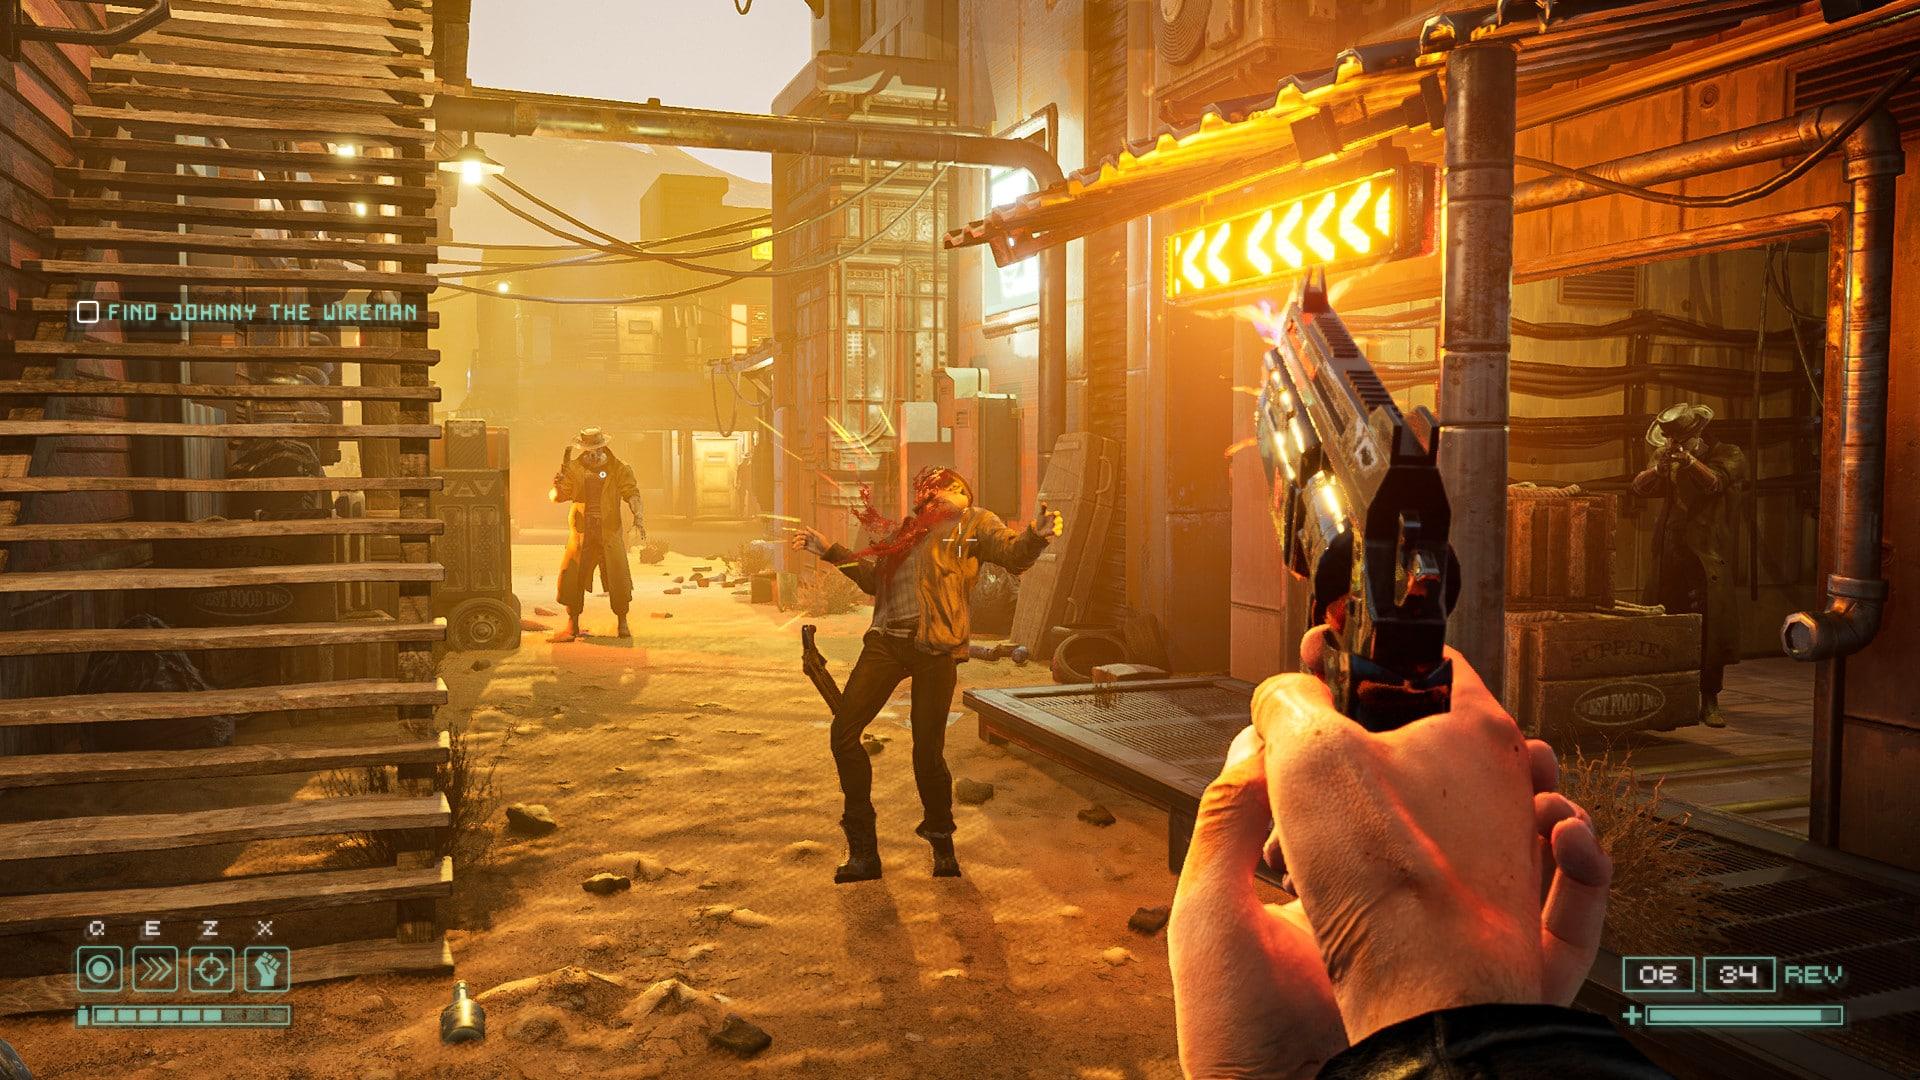 ExeKiller interview Kasia Widmańska Amadeusz Wróbel Paradark Studio cyberpunk sci-fi western open-world reveal trailer PC Steam GOG consoles